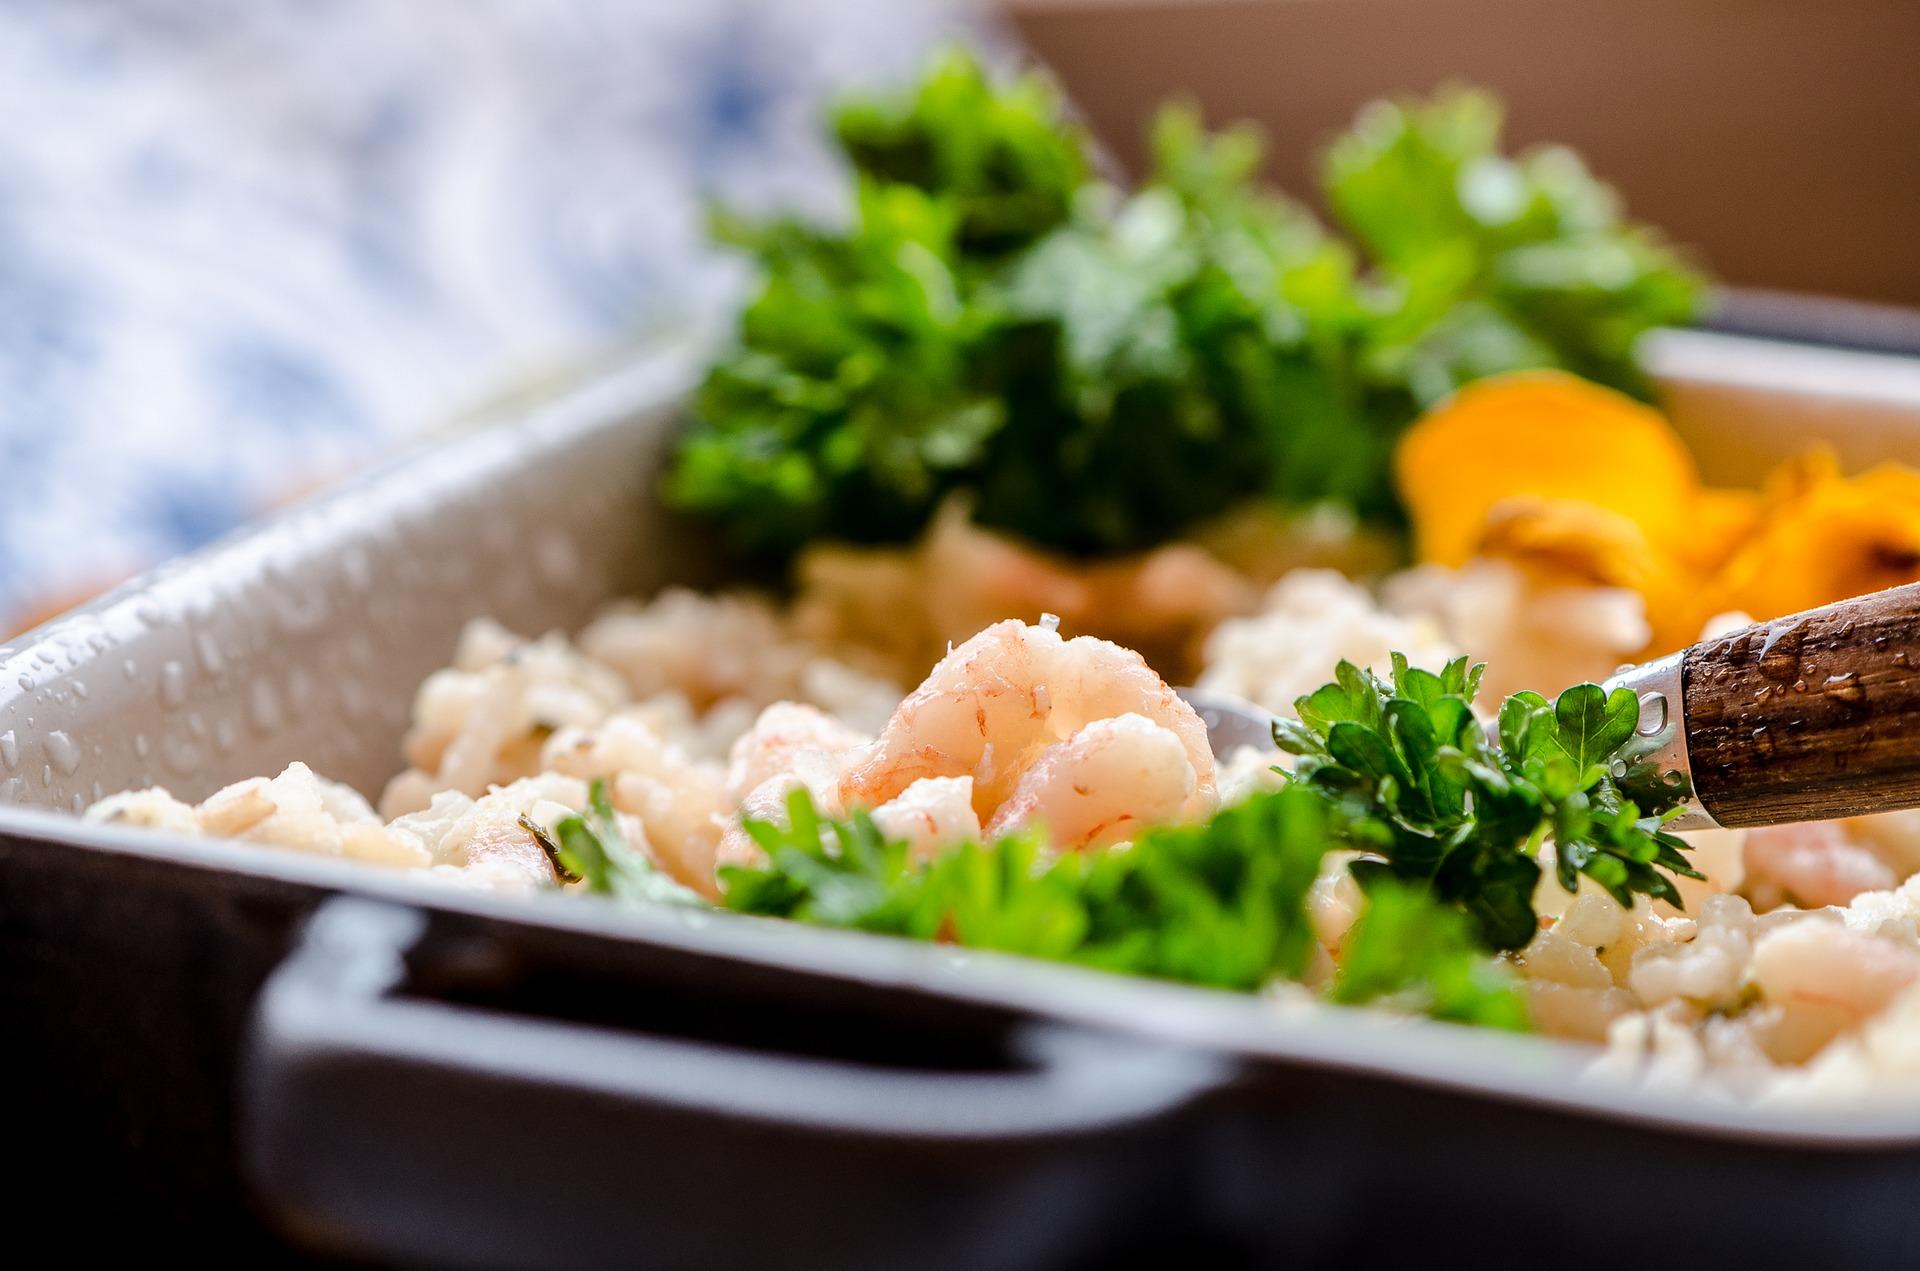 Deliciosa receta con arroz integral